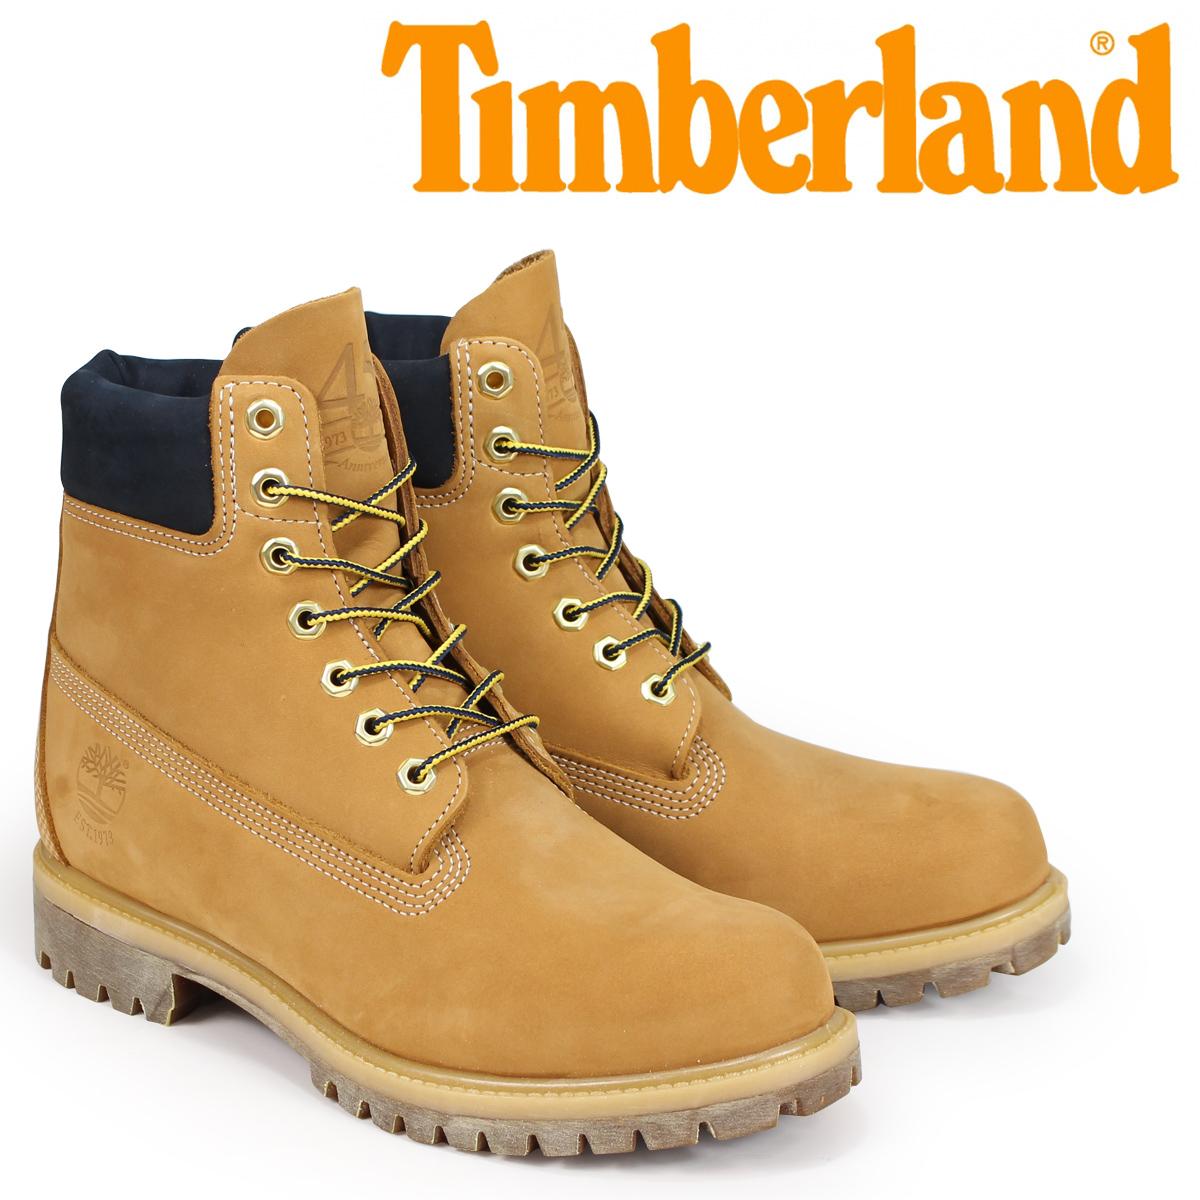 ティンバーランド Timberland ブーツ 6インチ メンズ 6-INCH WATERPROOF PREMIUM BOOTS Wワイズ ウィート A1VXW